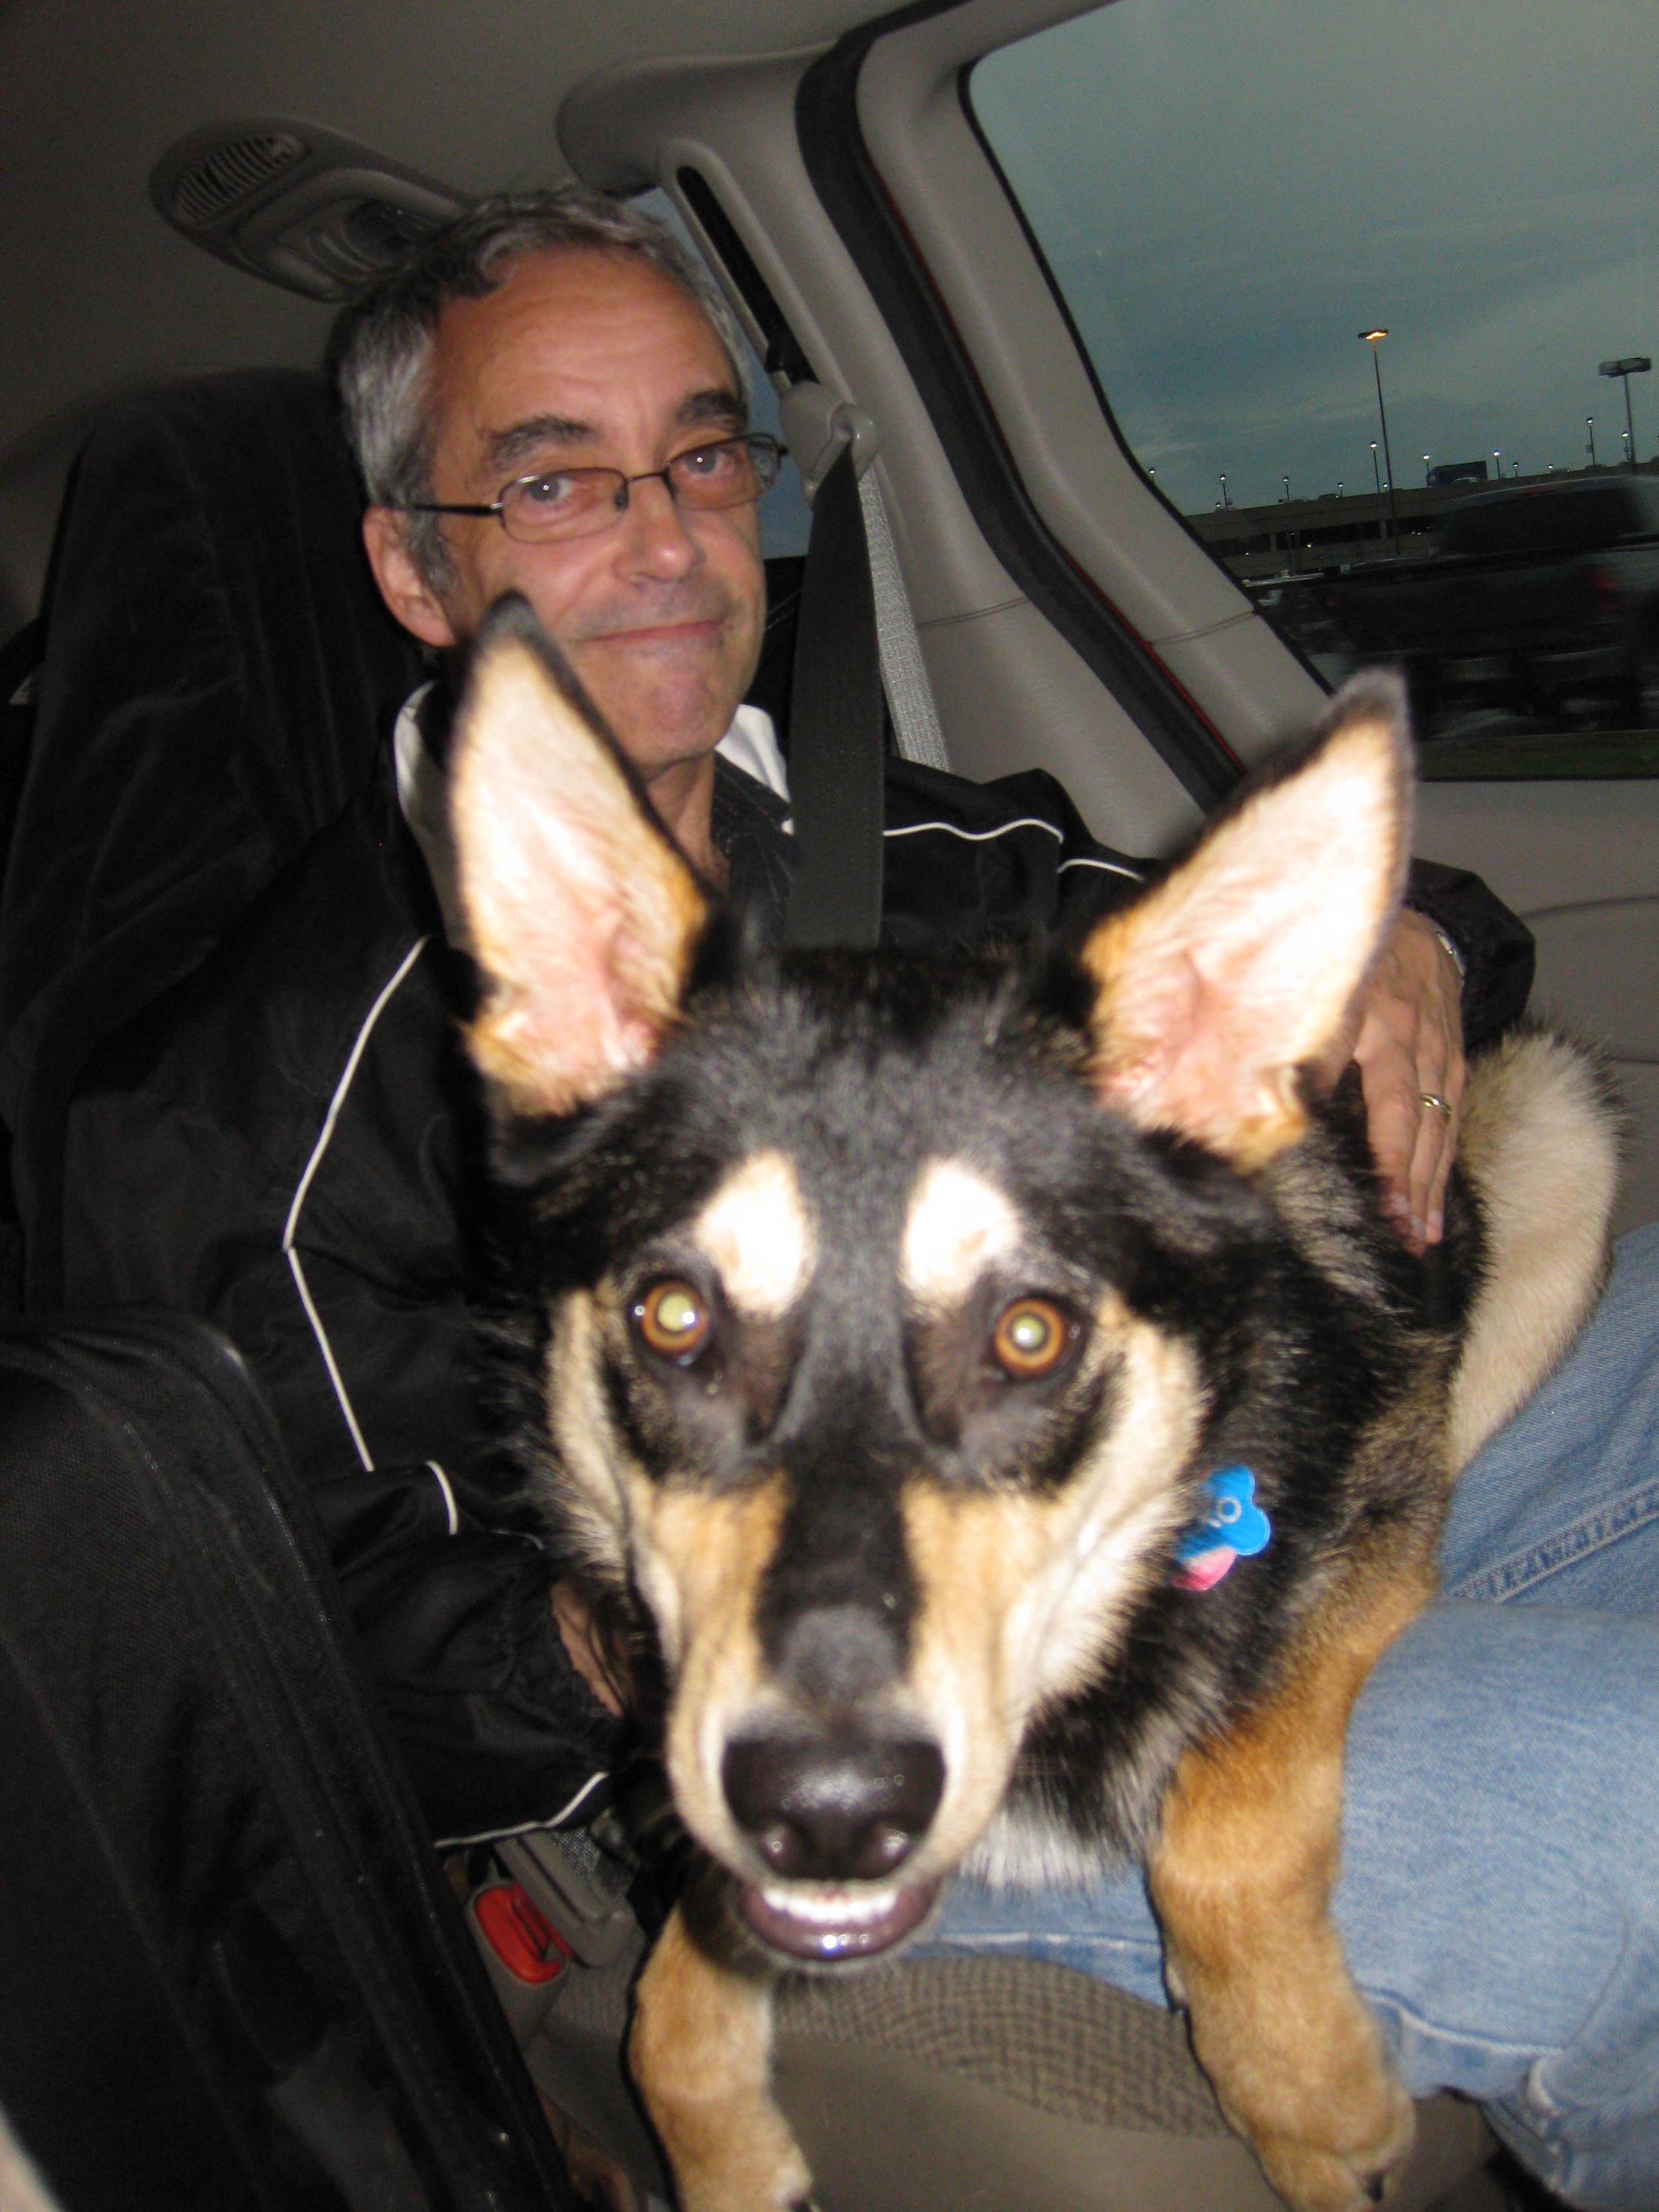 Nicko loves his Uncle Dan!